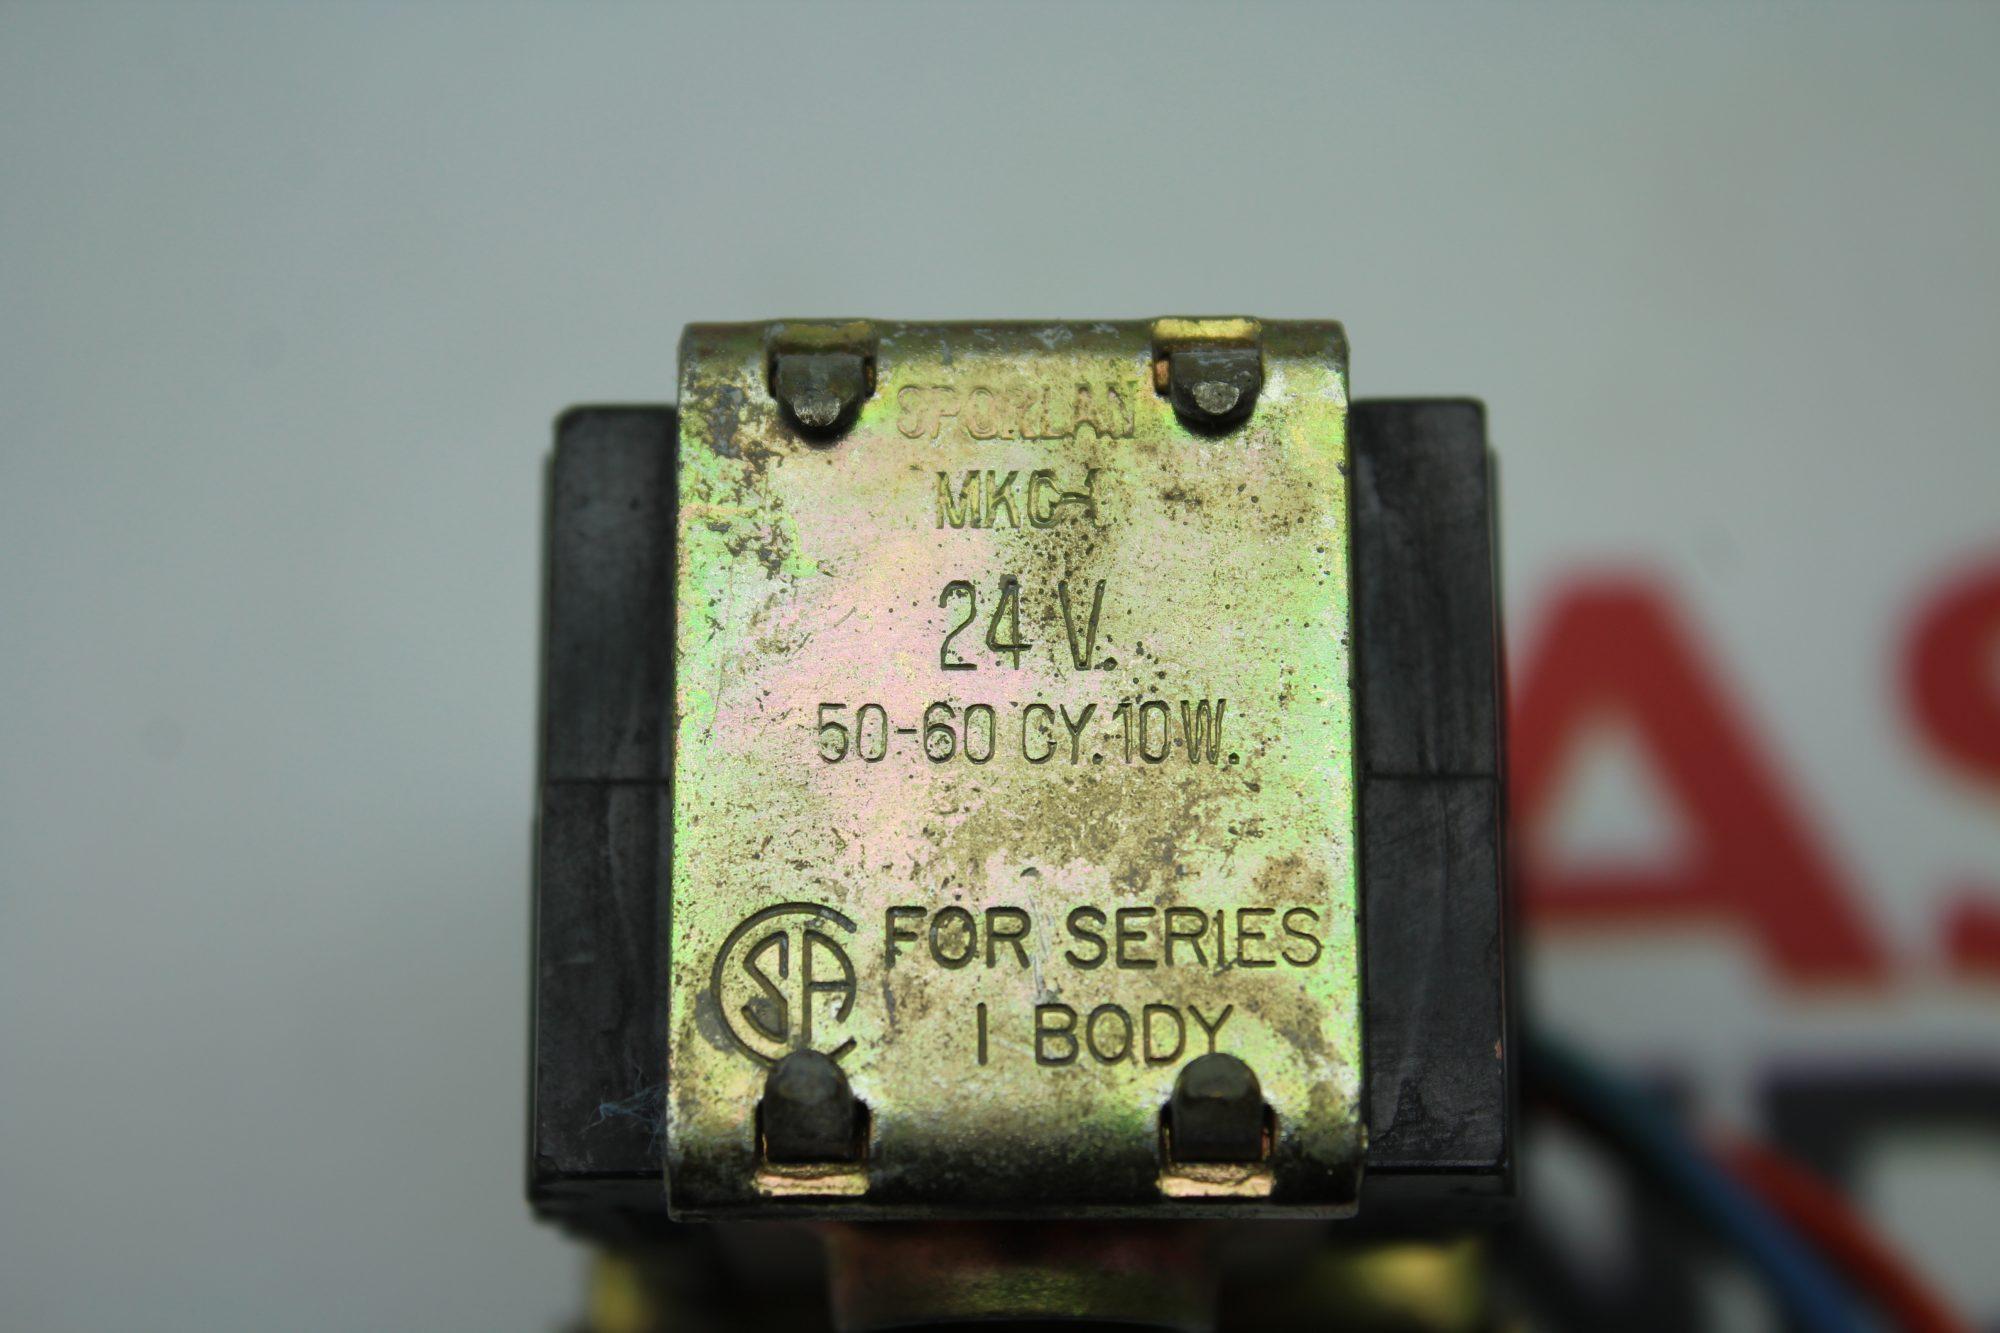 Sporlan Solenoid Coil MKG-1 24V Series 1 Body